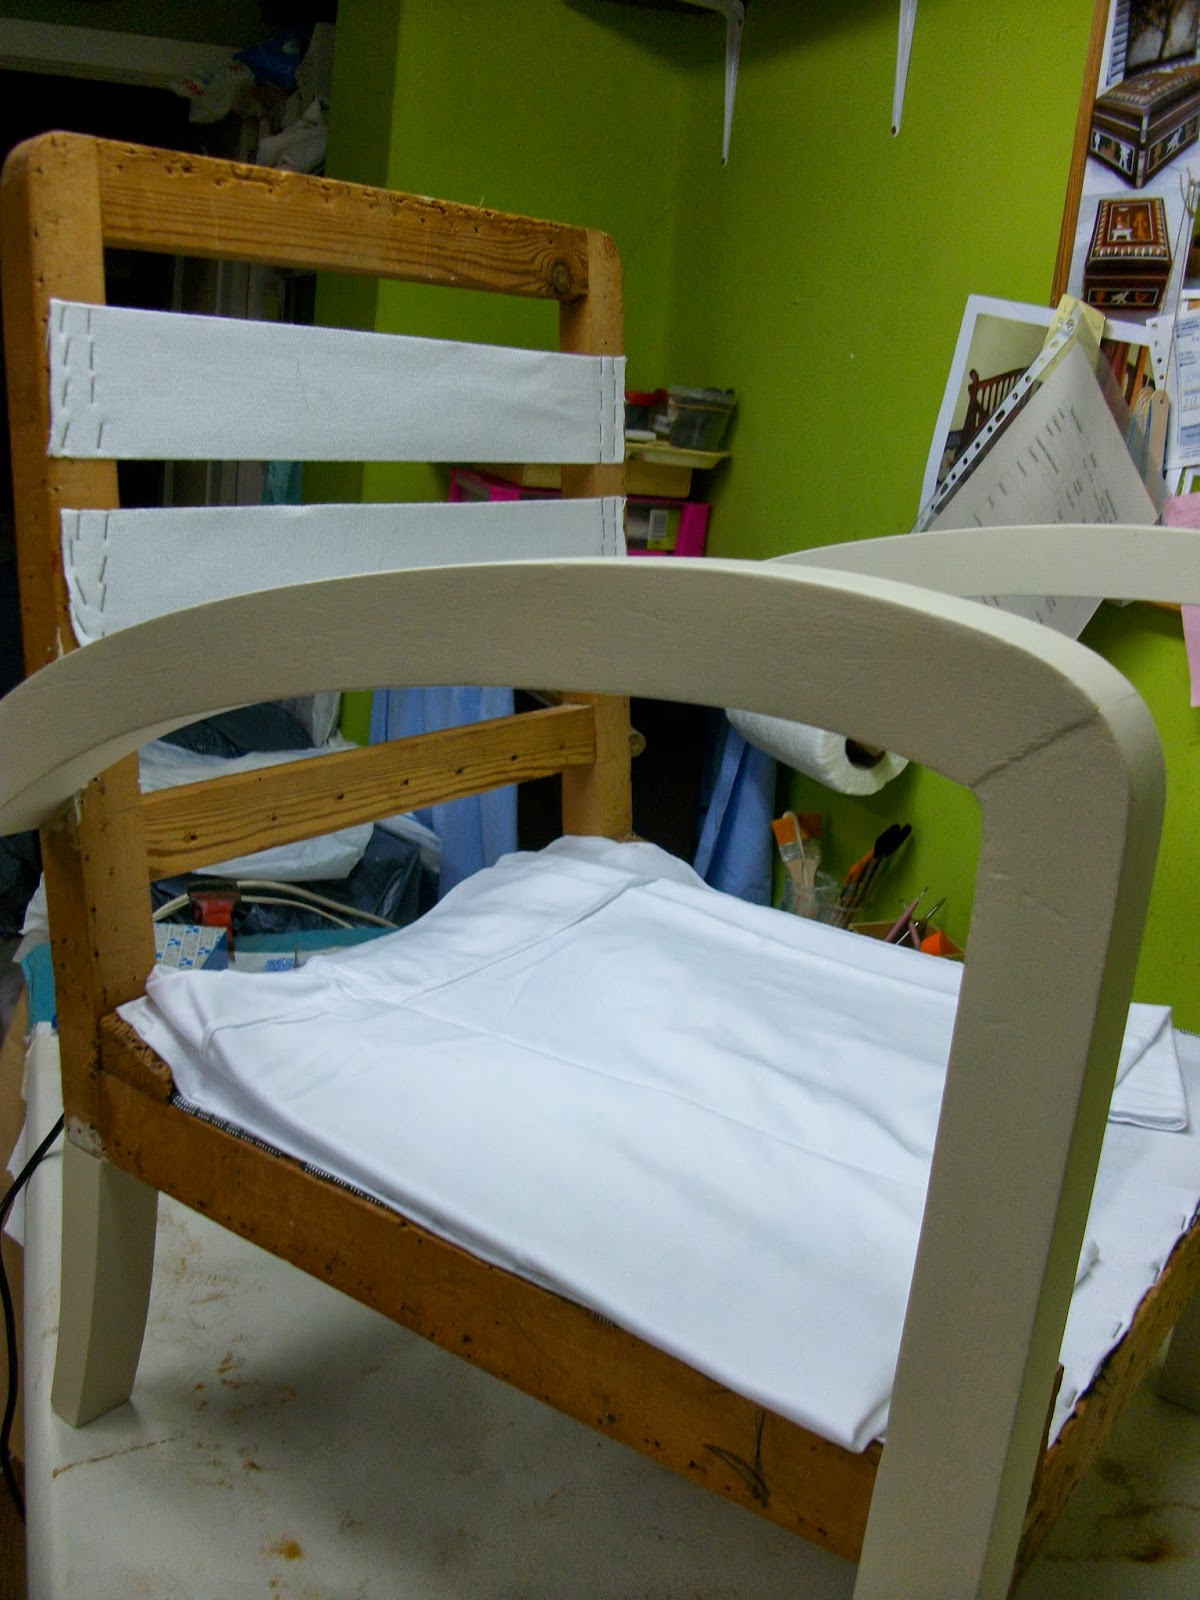 El blog de la restauradora restauraci n reciclado y tapizado de un sill n descalzadora estilo - Como tapizar una descalzadora ...